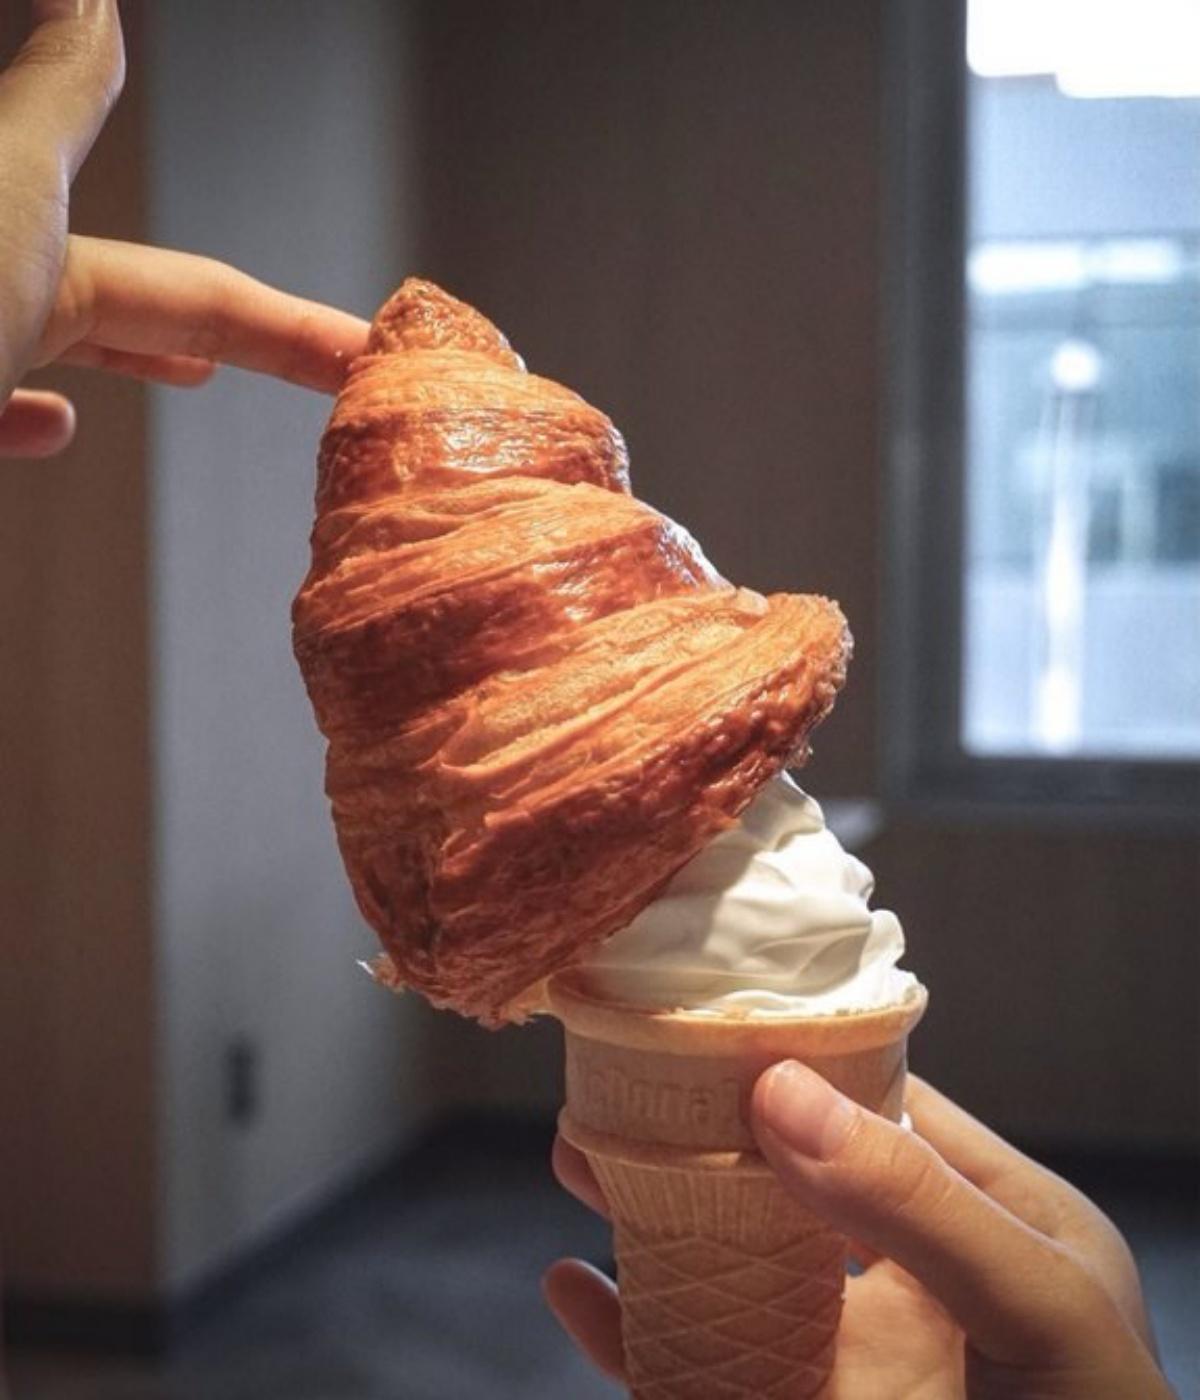 麥當勞也有「可頌冰淇淋」!店員曝2大隱藏版吃法,這樣搭秒變酥皮濃湯